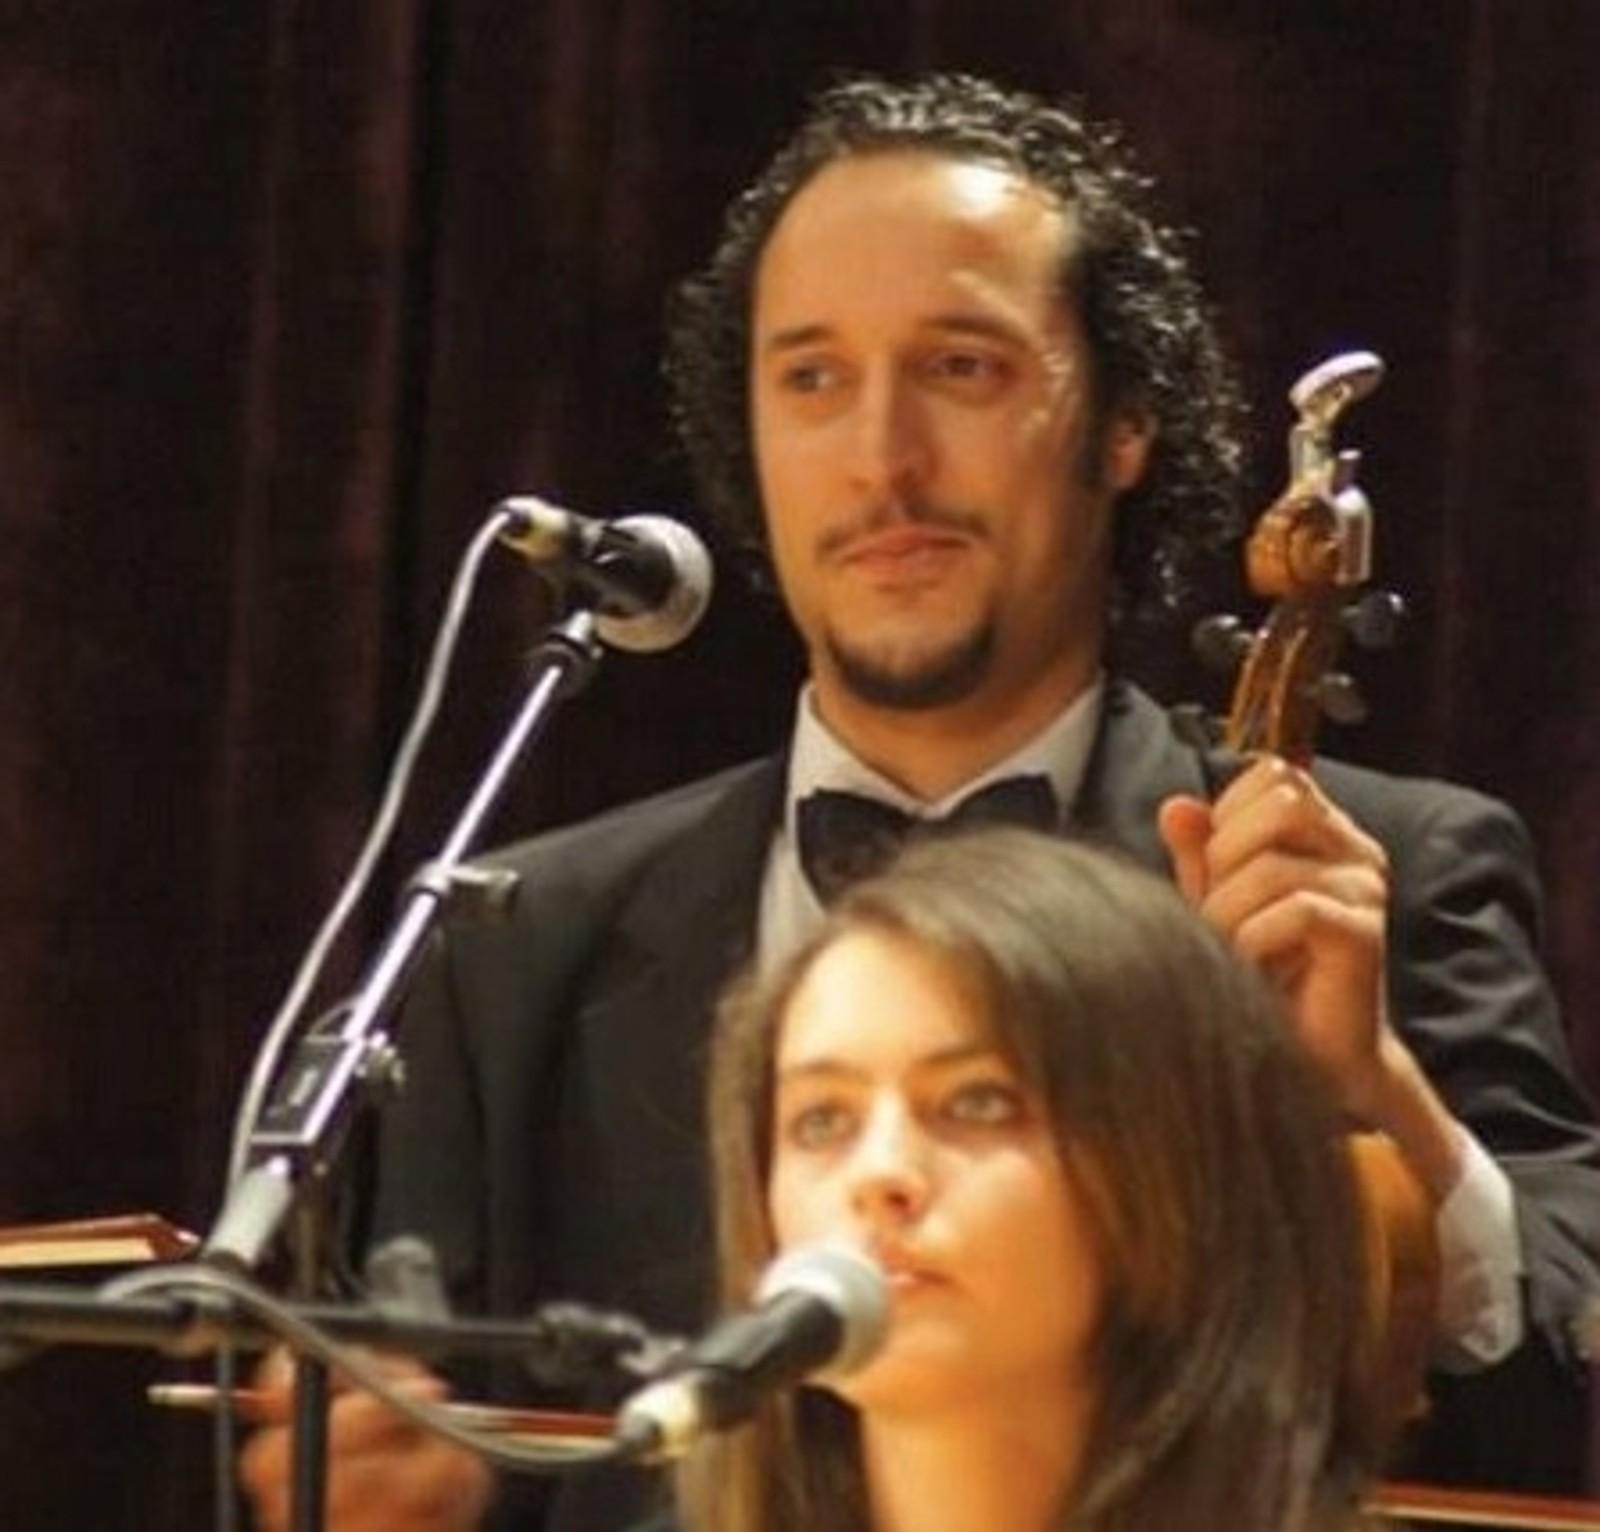 DREPT: Algeriske Kheireddine Sahbi (29) var masterstudent i etnomusikk. Han studerte ved Paris-Sorbonne Universitet. Sahbi mistet livet på Le Petit Cambodge.